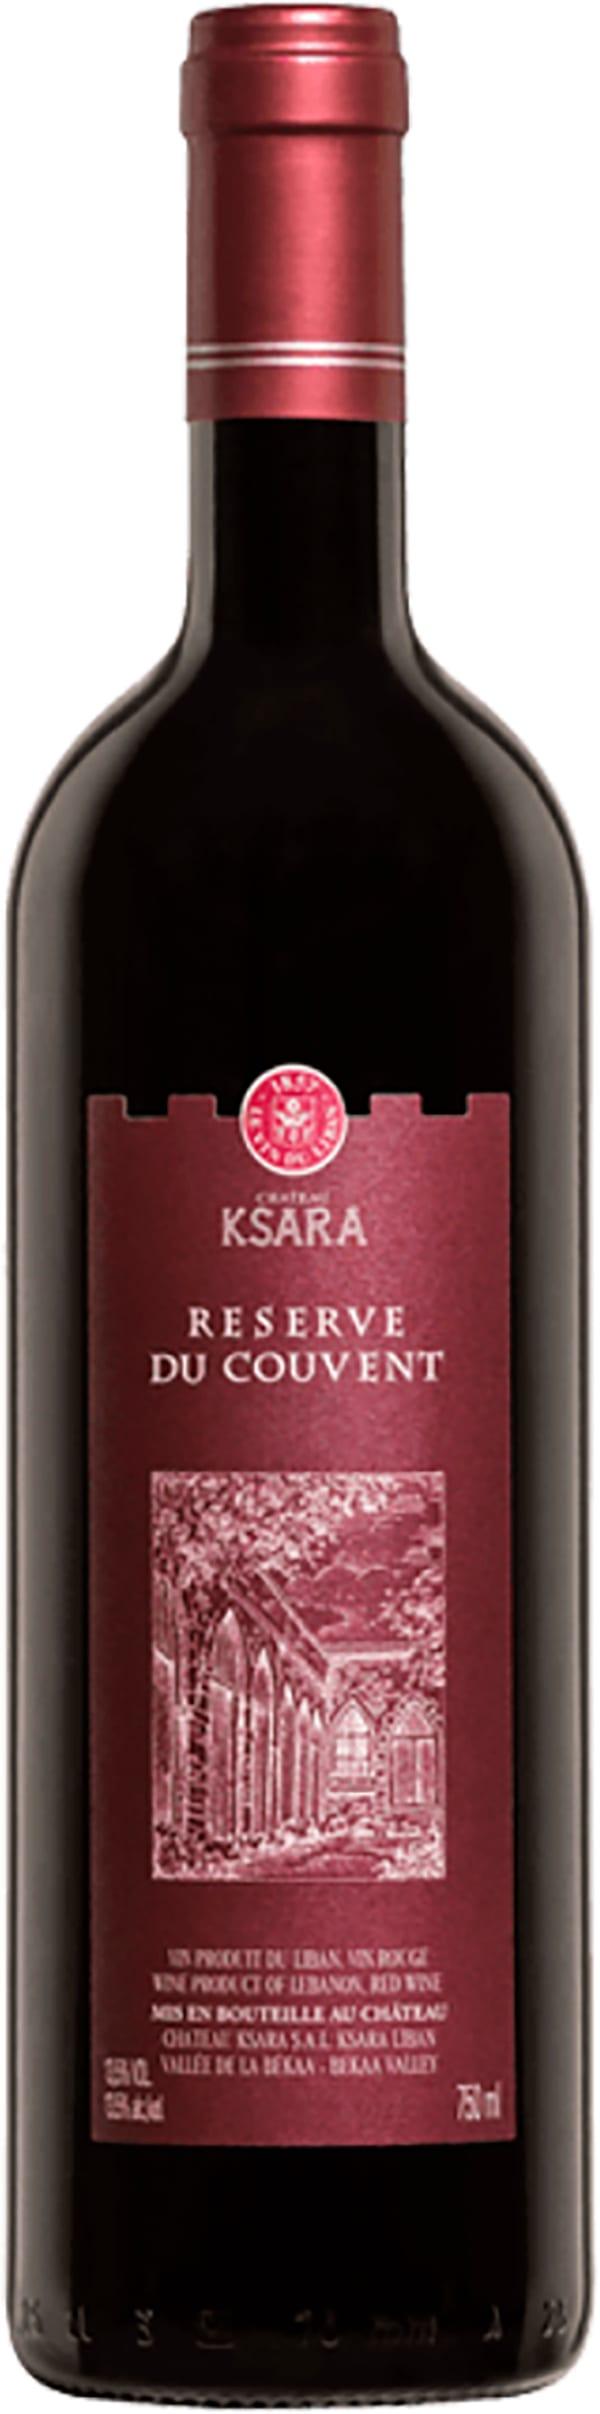 Château Ksara Reserve du Couvent 2018